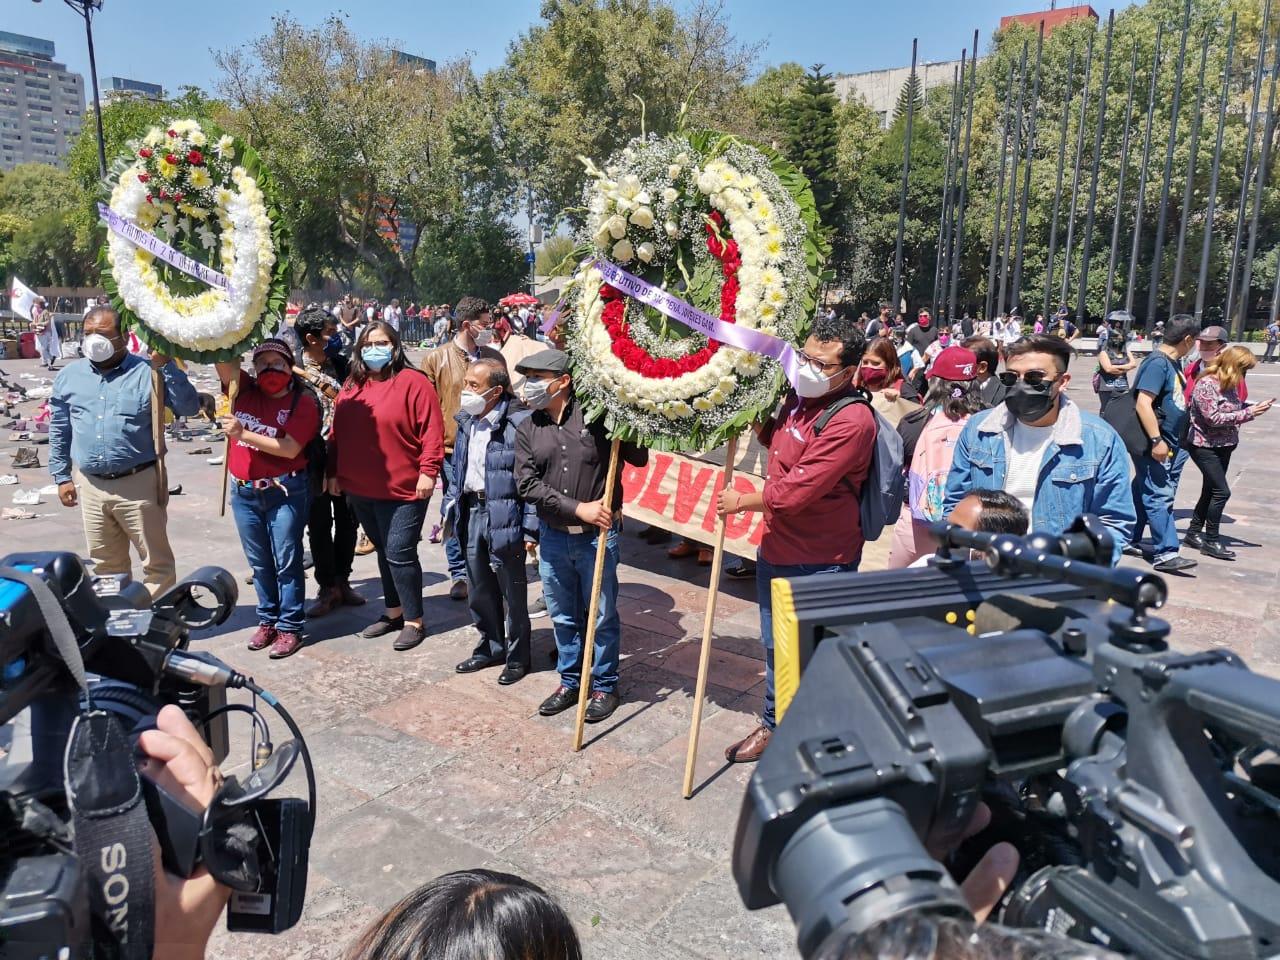 GRUPOS SOCIALES SE REÚNEN PARA CONMEMORAR LOS 52 AÑOS DE LA MATANZA DE TLATELOLCO